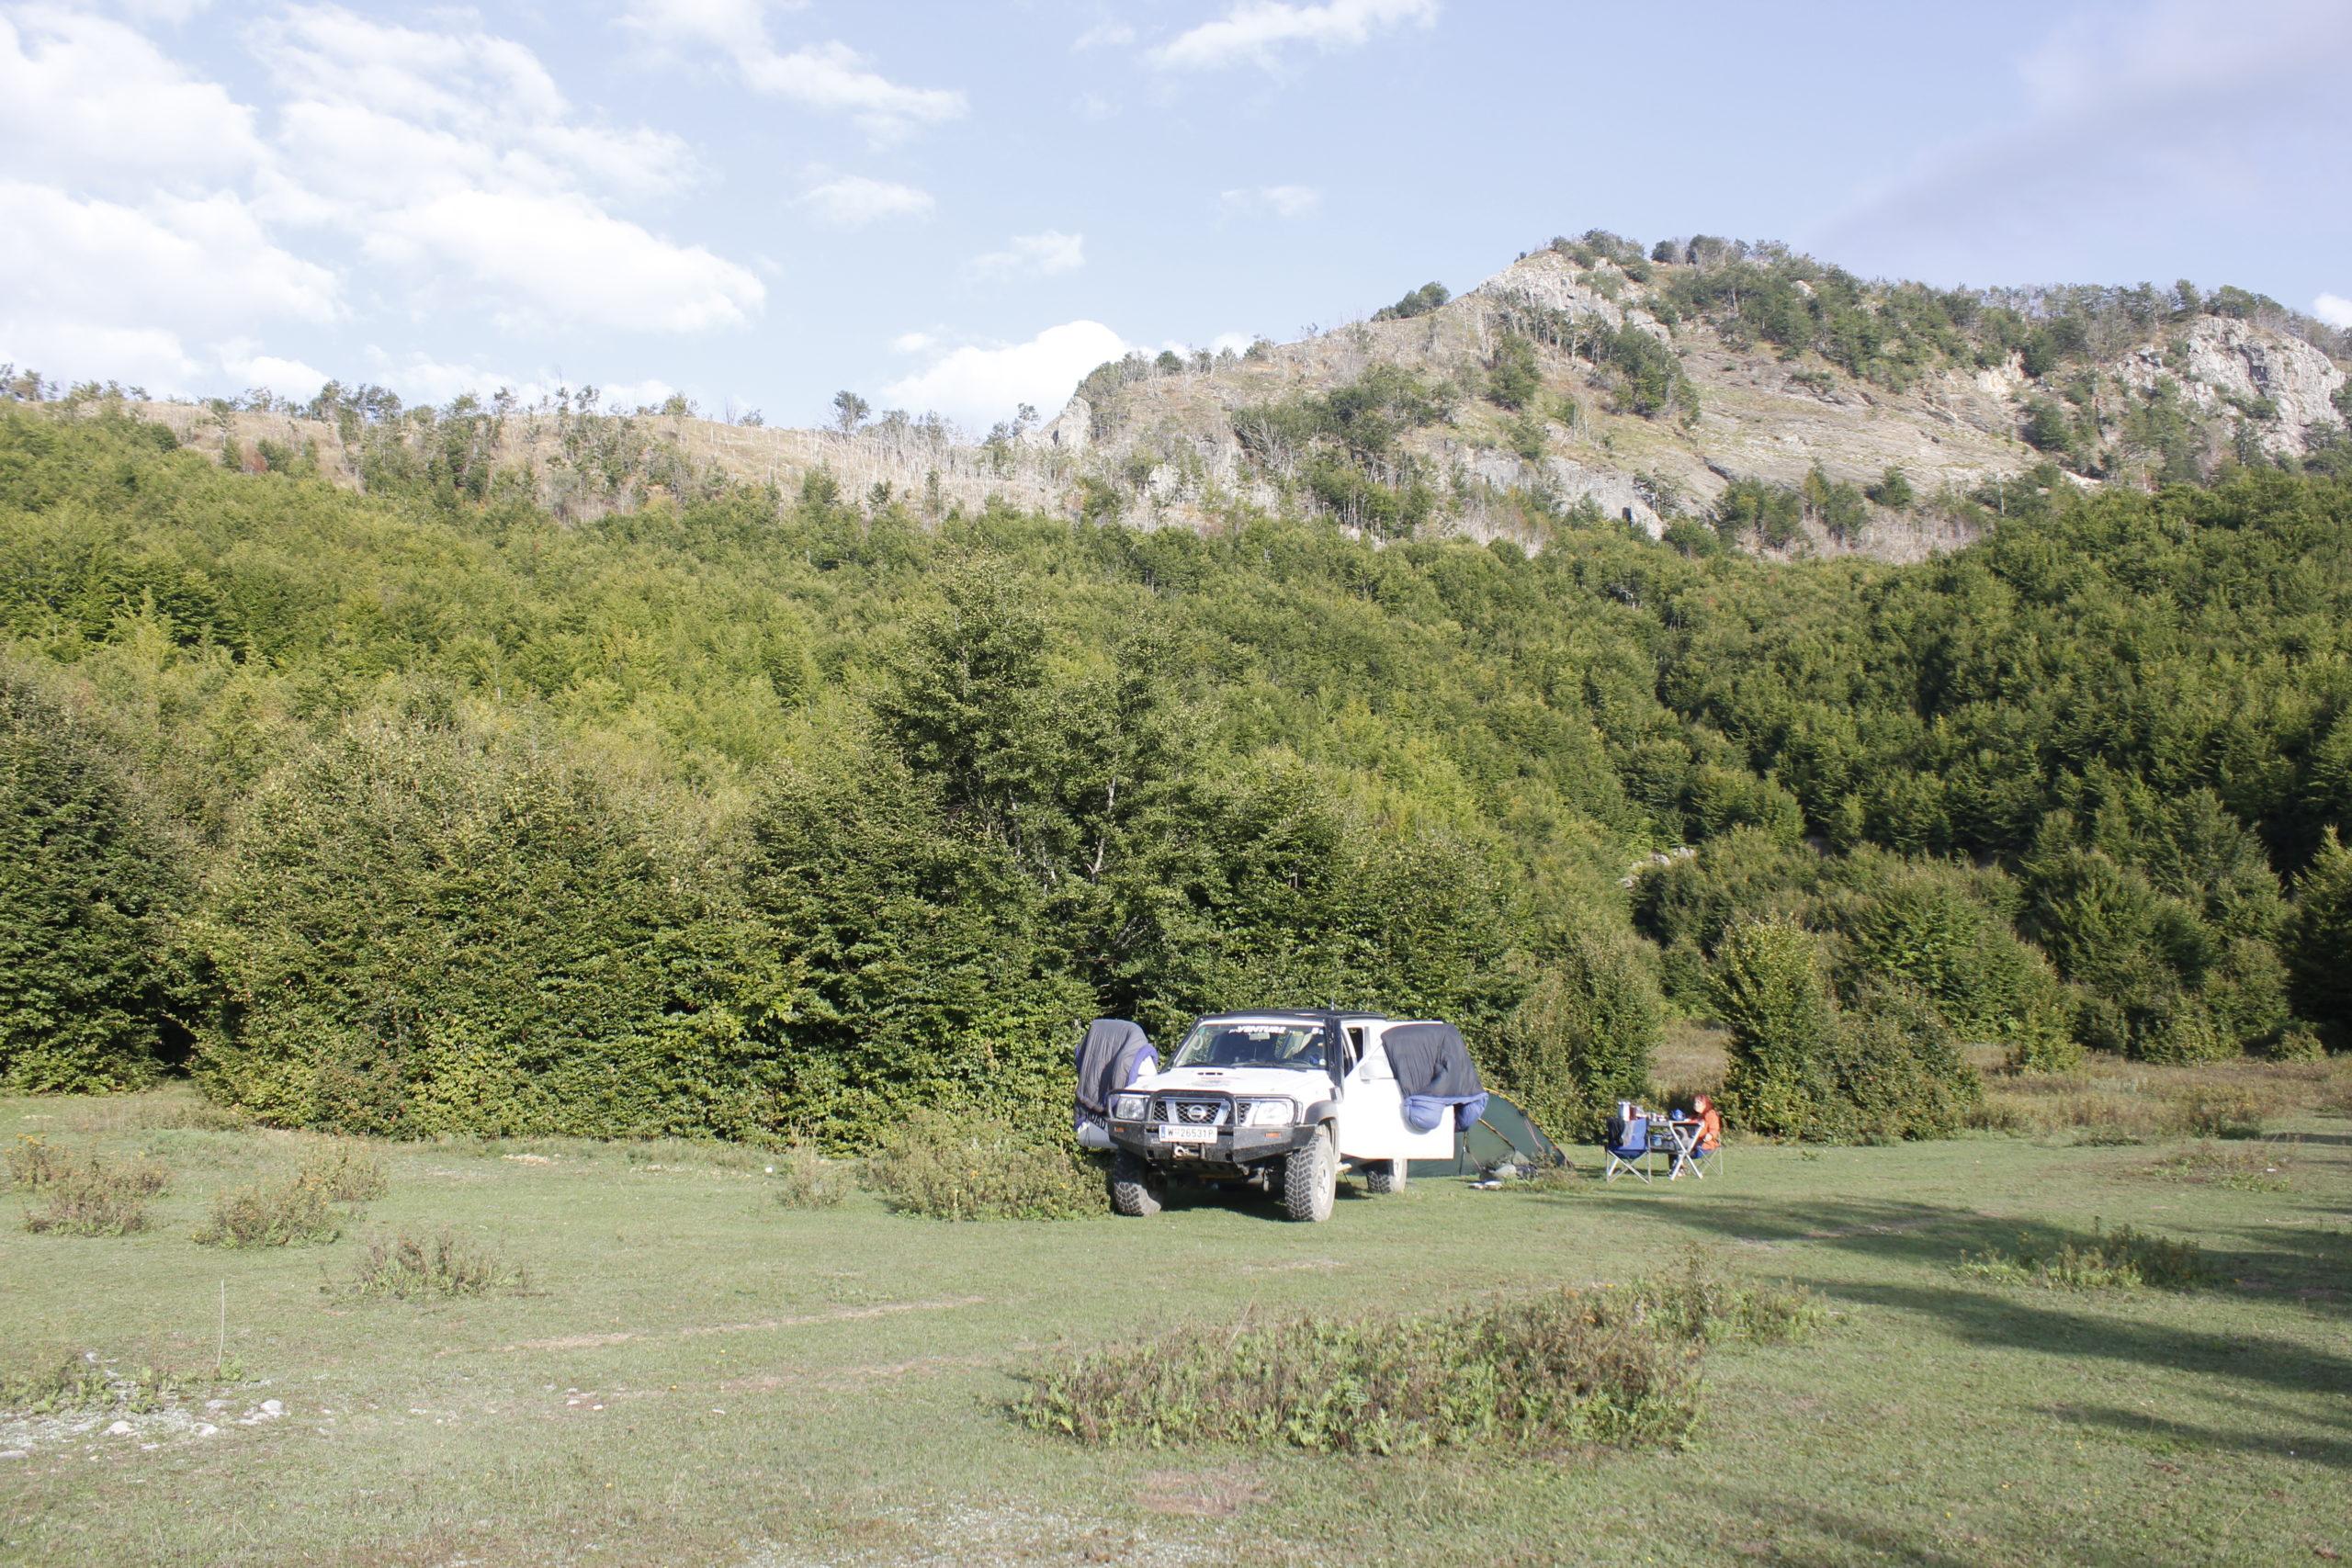 4x4 Abenteuerreise: Albanien so nah und doch so fremd 7